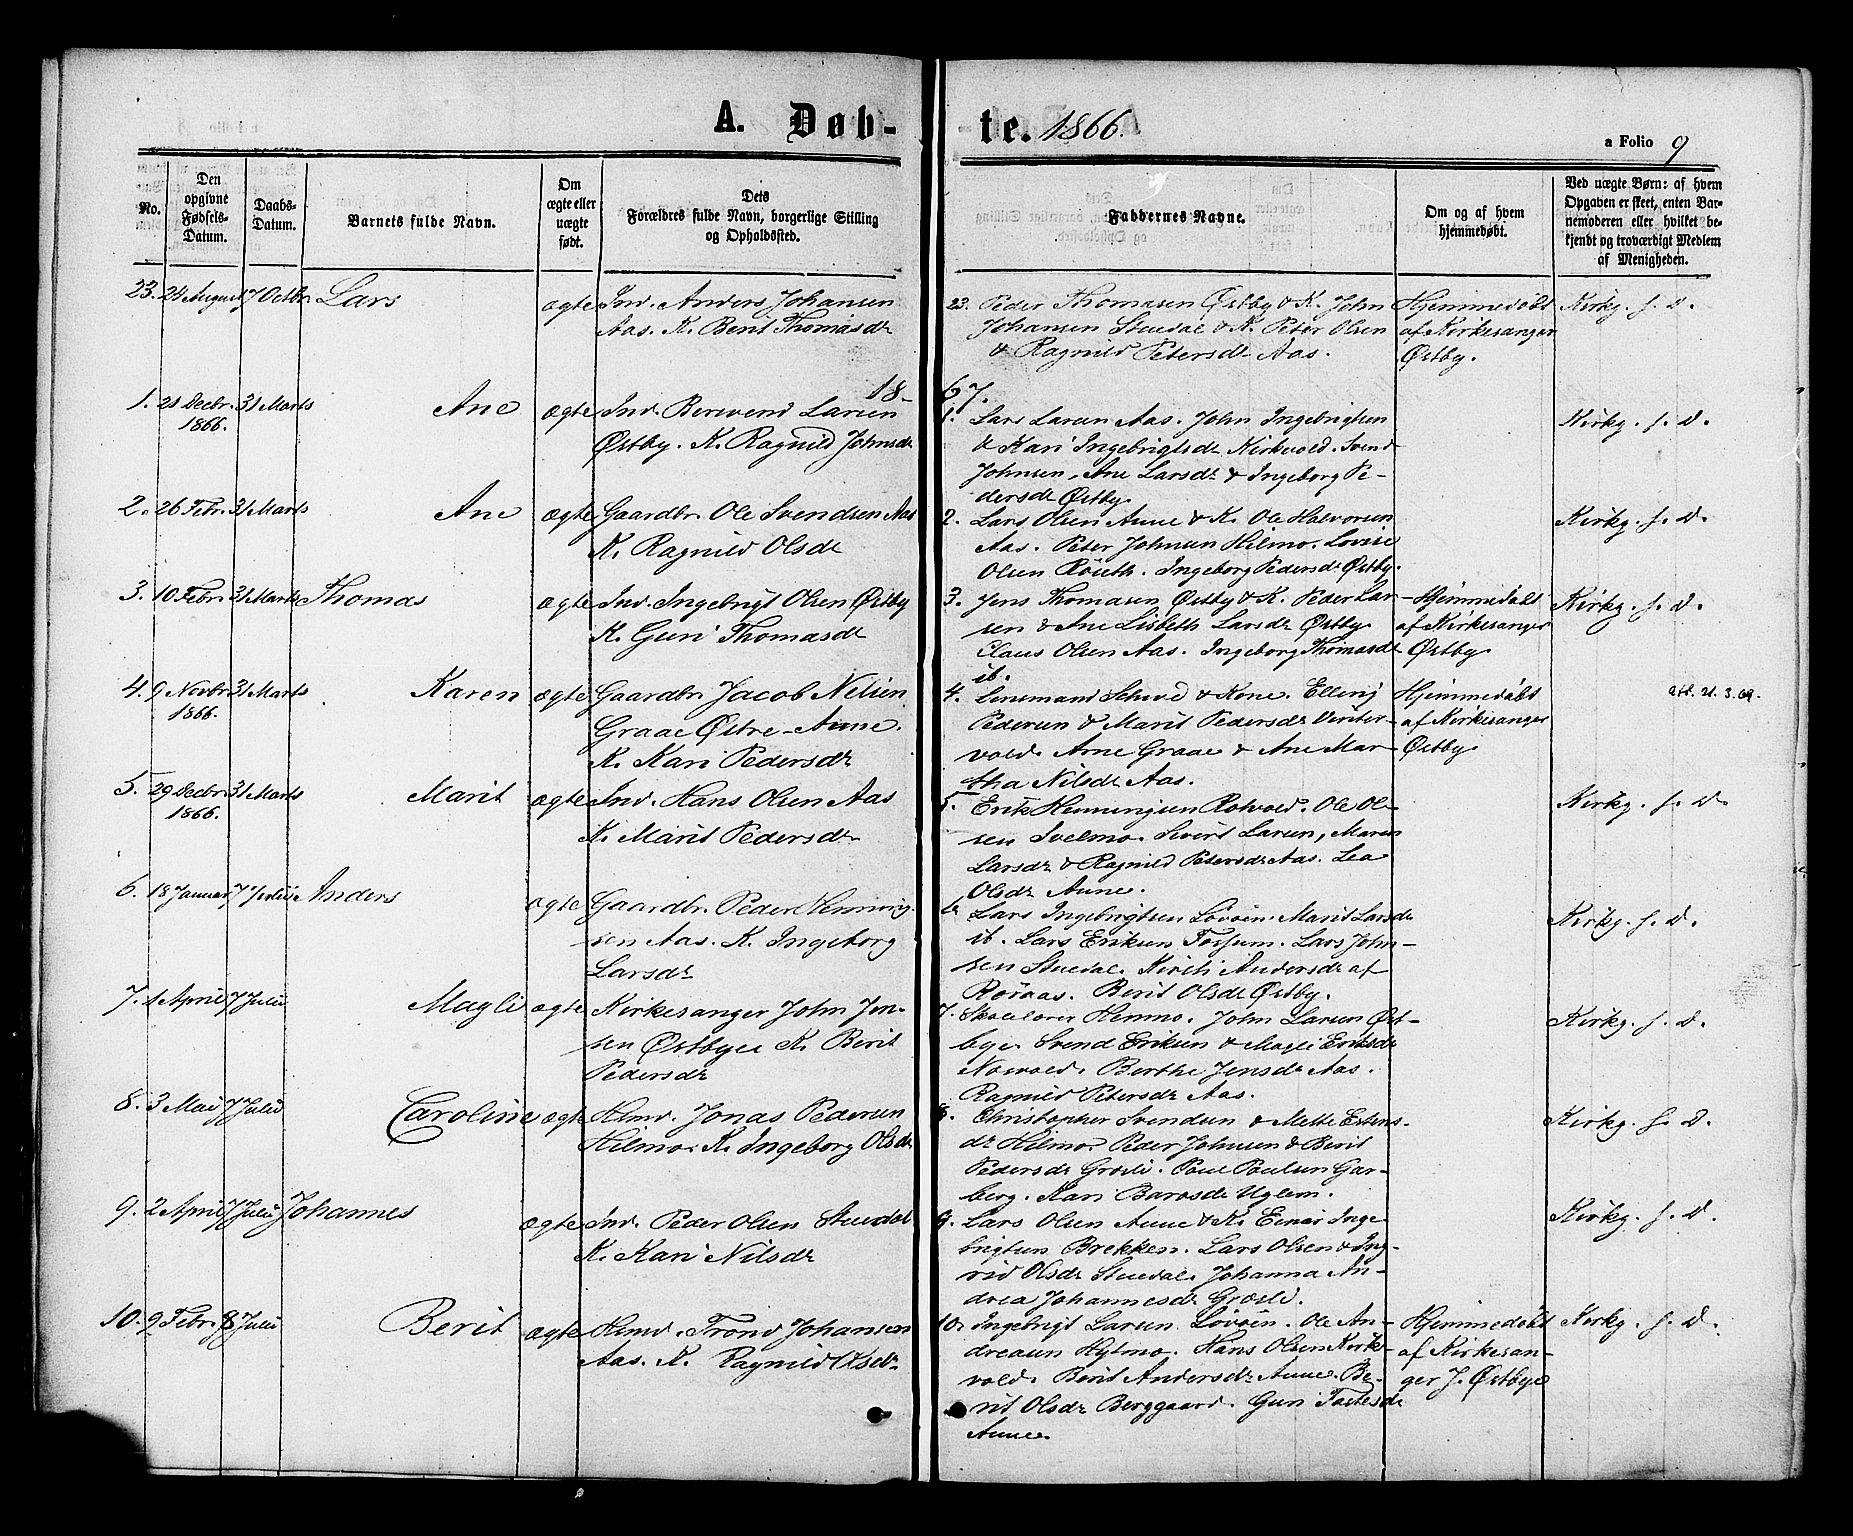 SAT, Ministerialprotokoller, klokkerbøker og fødselsregistre - Sør-Trøndelag, 698/L1163: Ministerialbok nr. 698A01, 1862-1887, s. 9